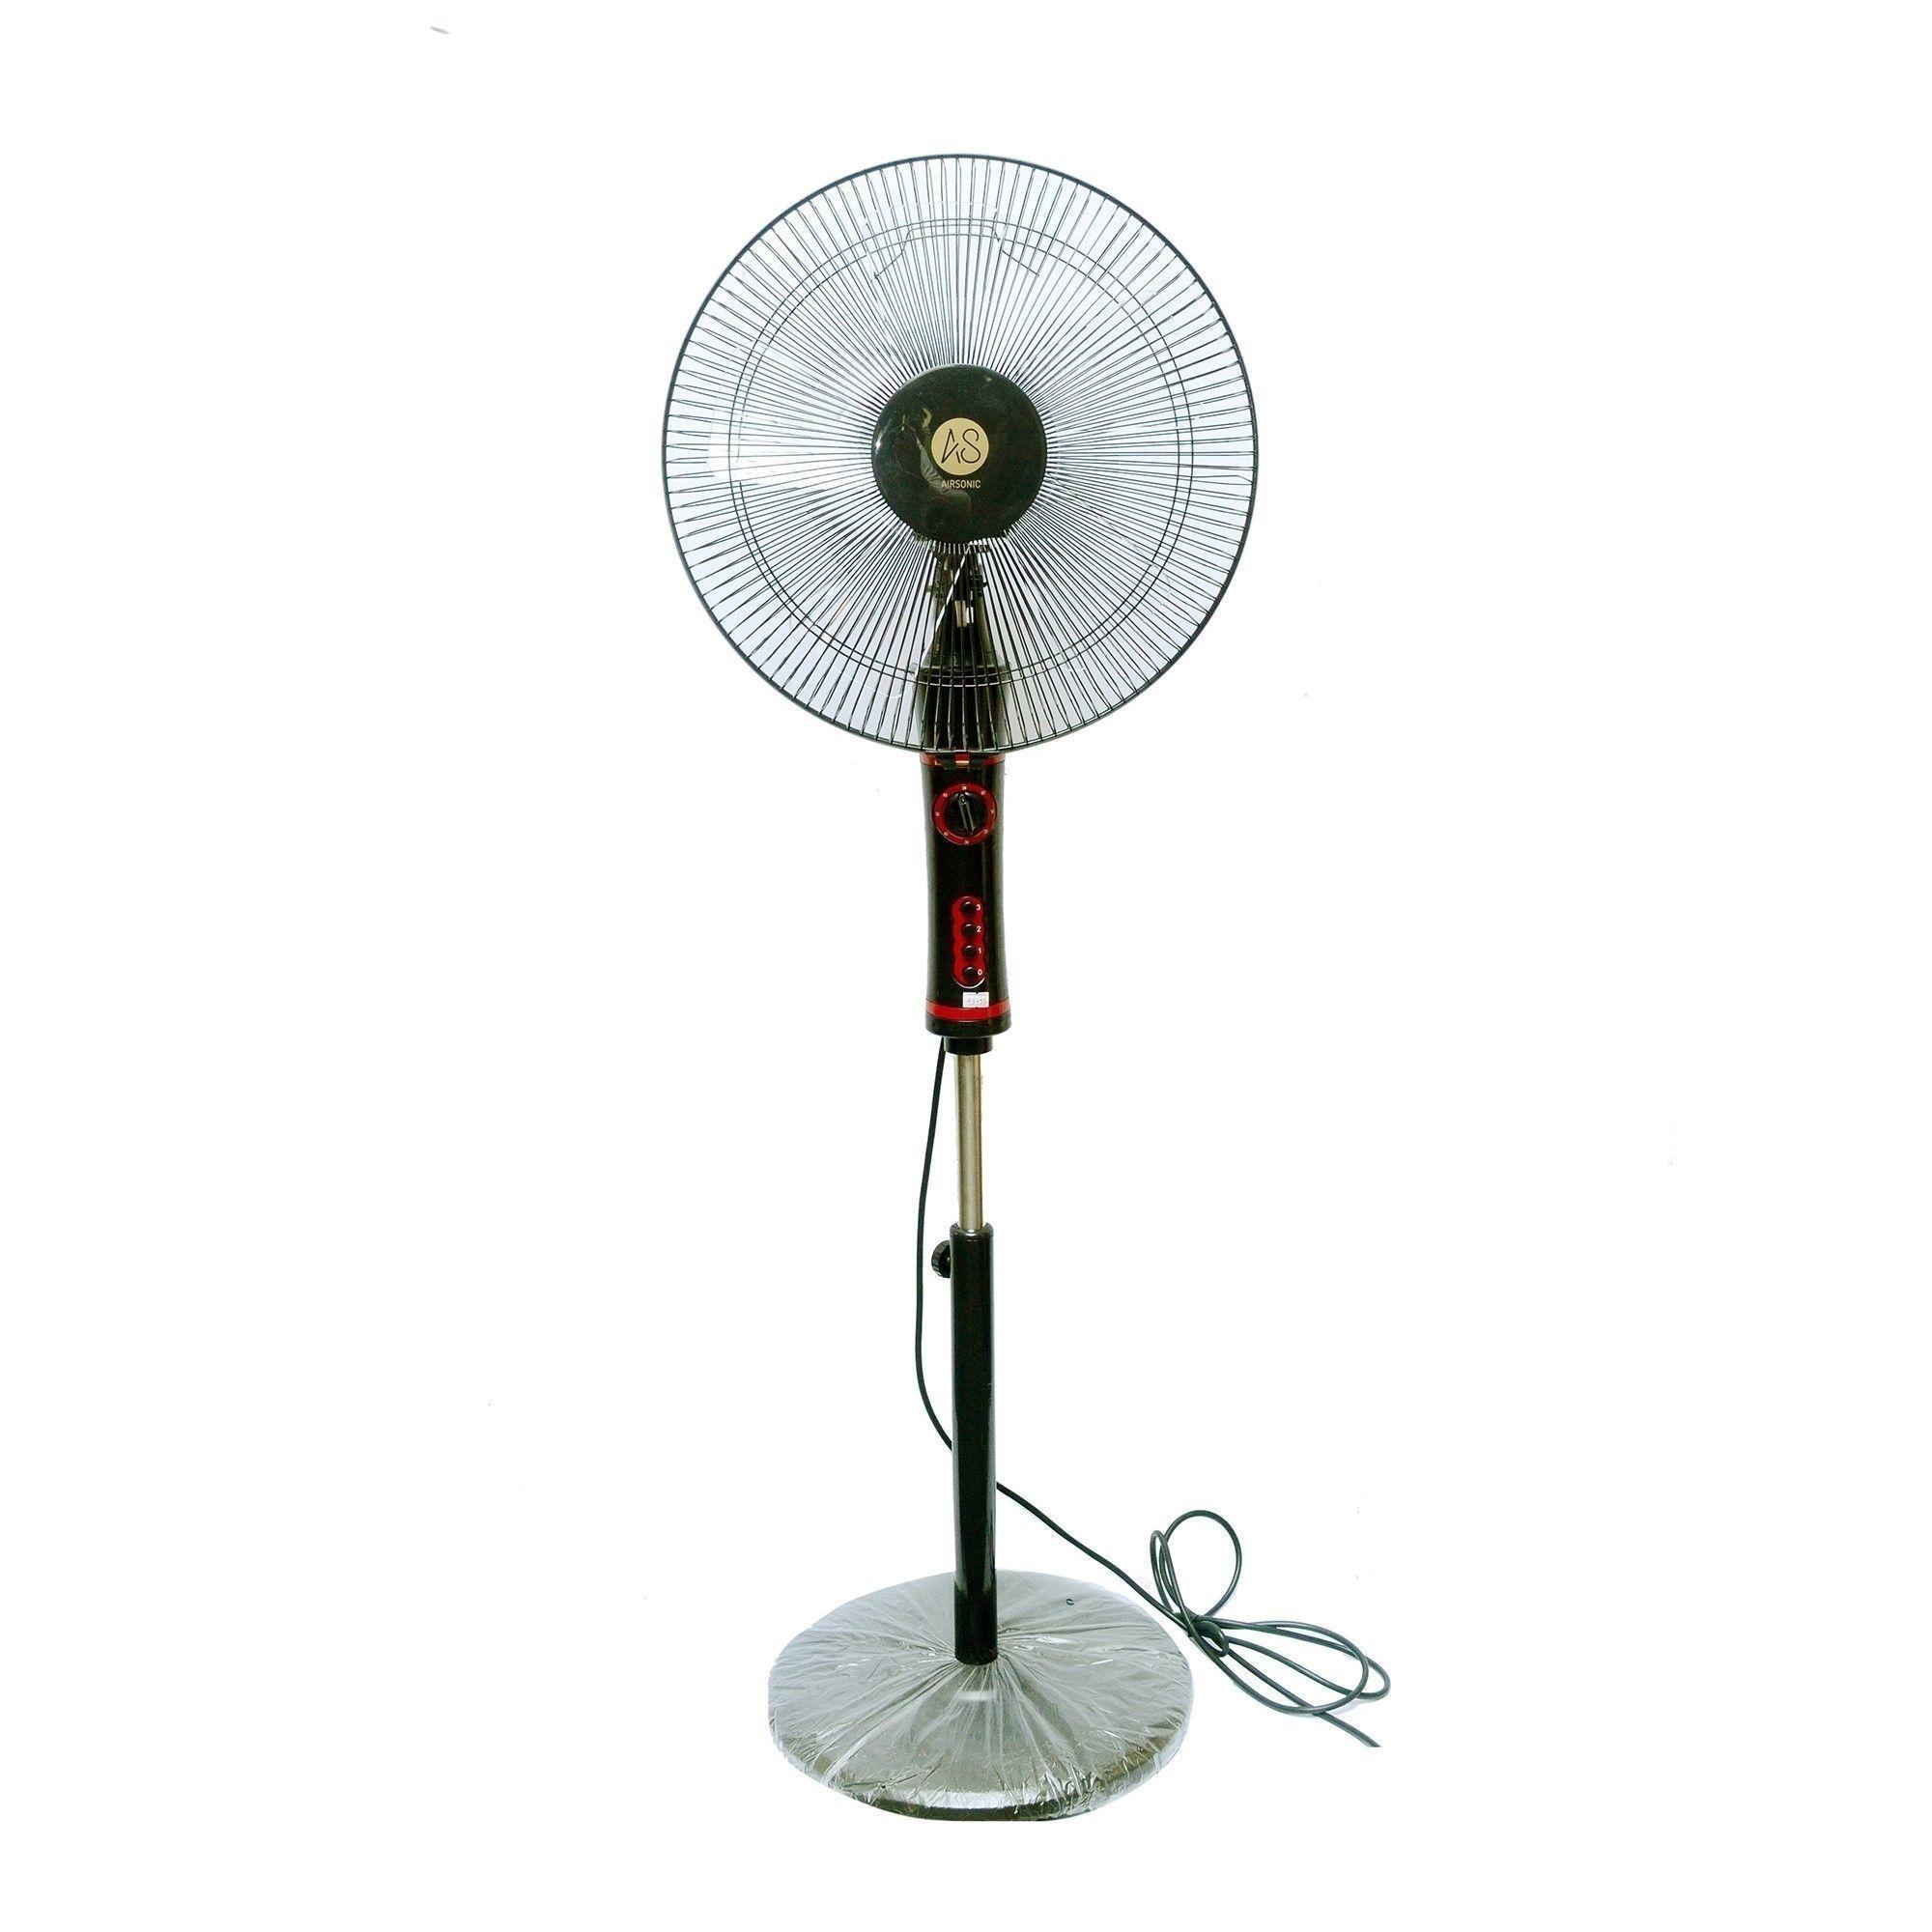 Pedestal Fan - TS414 (Black)